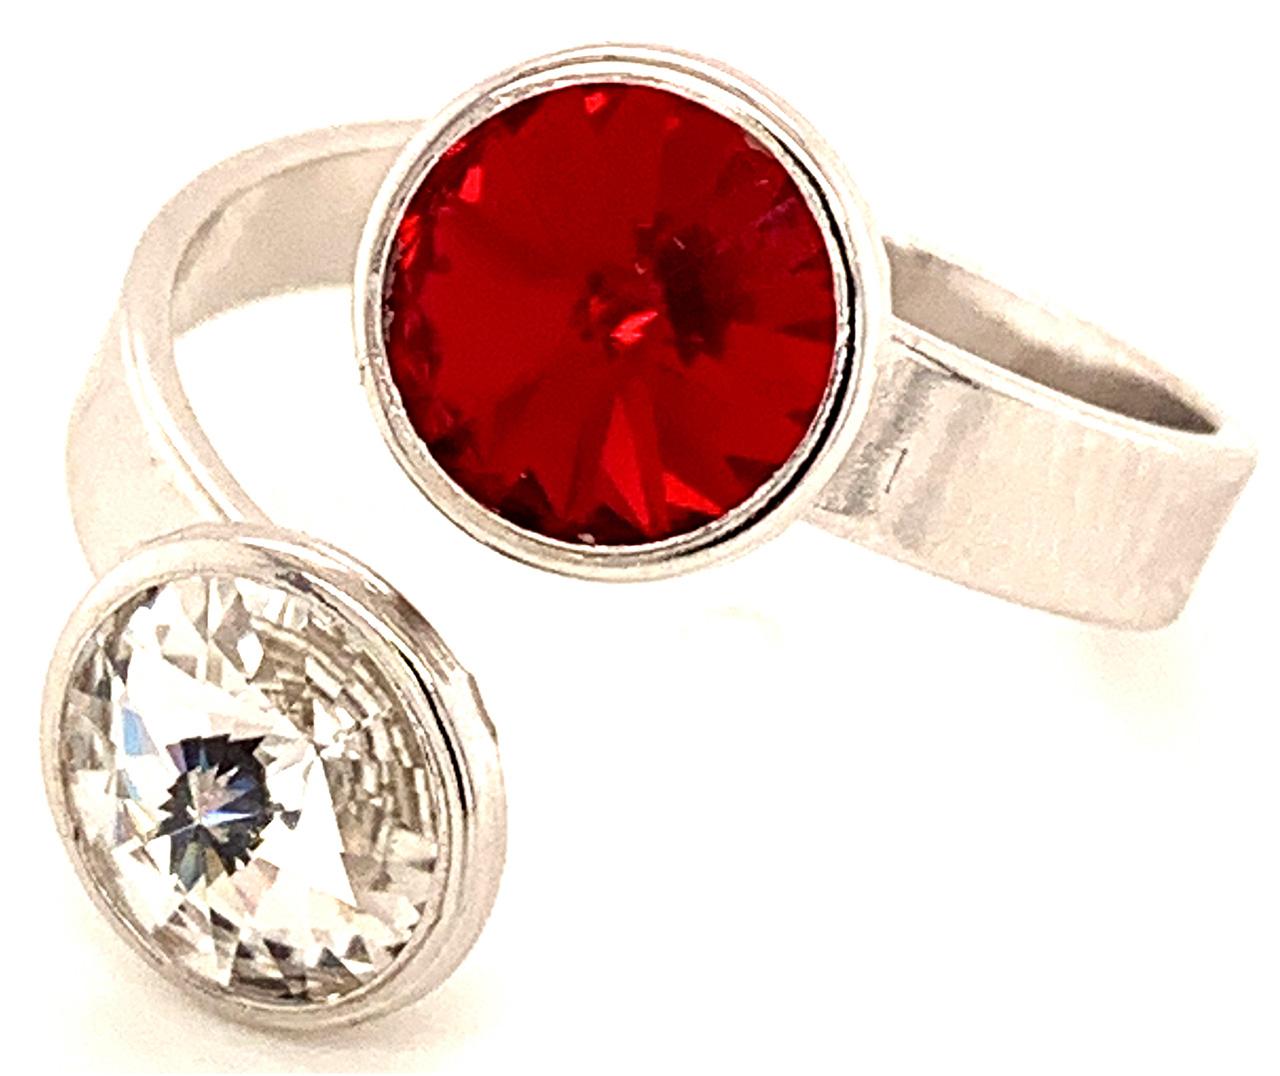 Silber Ring mit 2 Swarovski Crystal (1*Siam/1*Crystal Clear) 925 Silberfassung größe änderbar gesamt ca. 3,4 Gramm 17 ct handgearbeitet, rhodiniert, handegemacht in Italien AT0578RSC